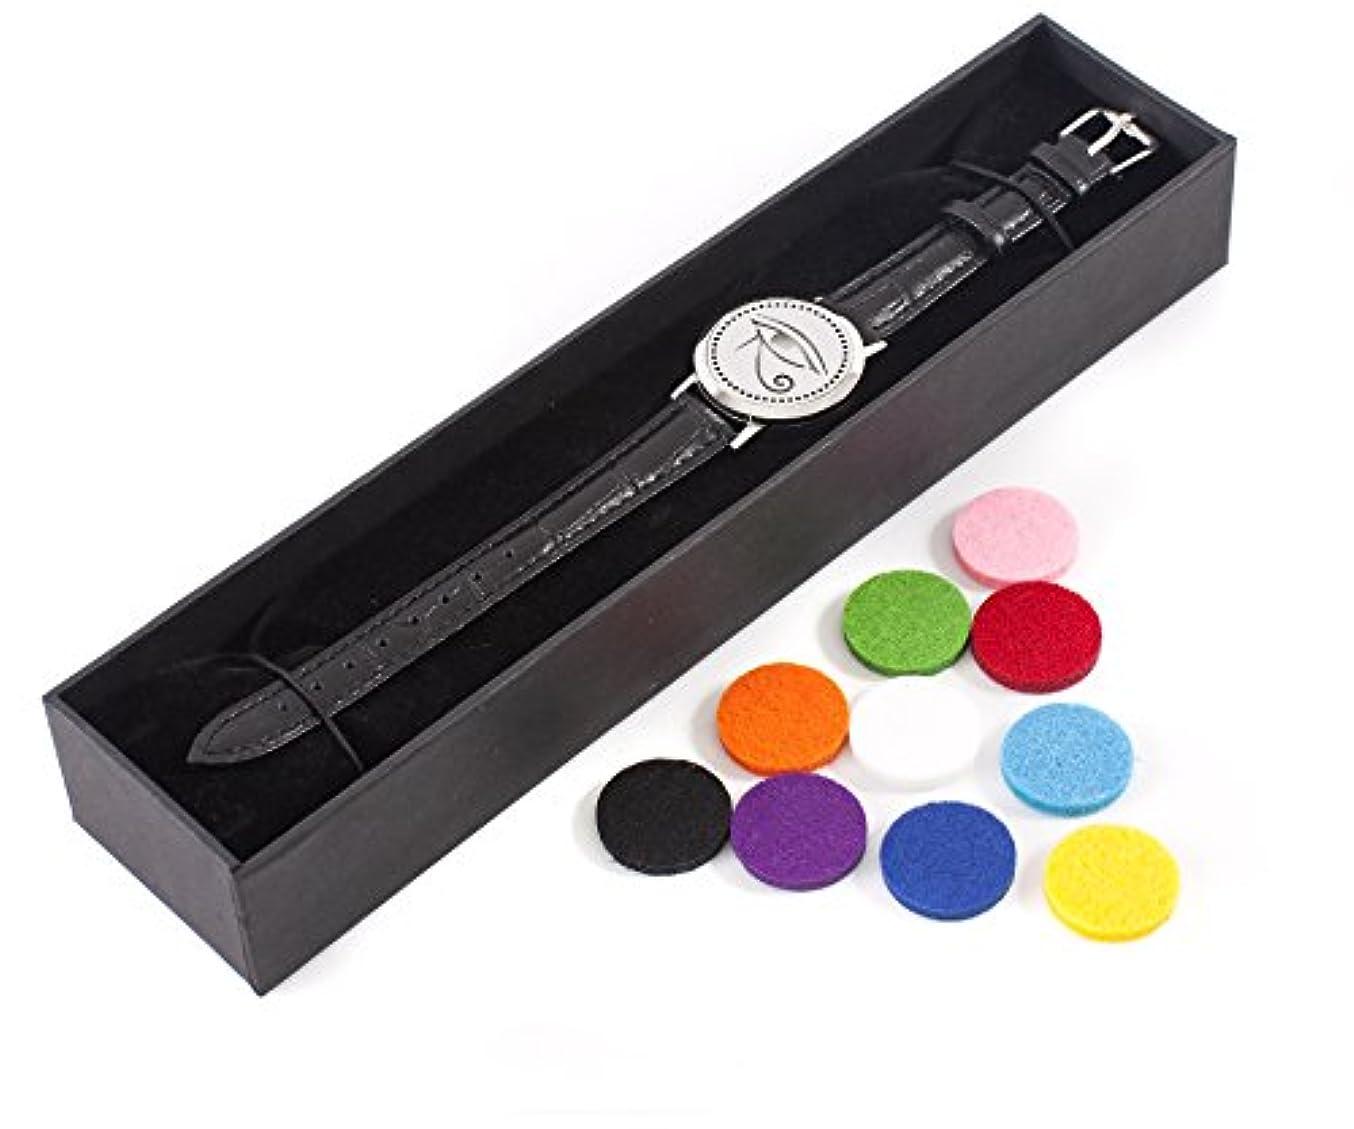 鏡あいまいなマーティンルーサーキングジュニアMystic Moments | Eye of Horus | Aromatherapy Oil Diffuser Bracelet with Adjustable Black Leather Strap